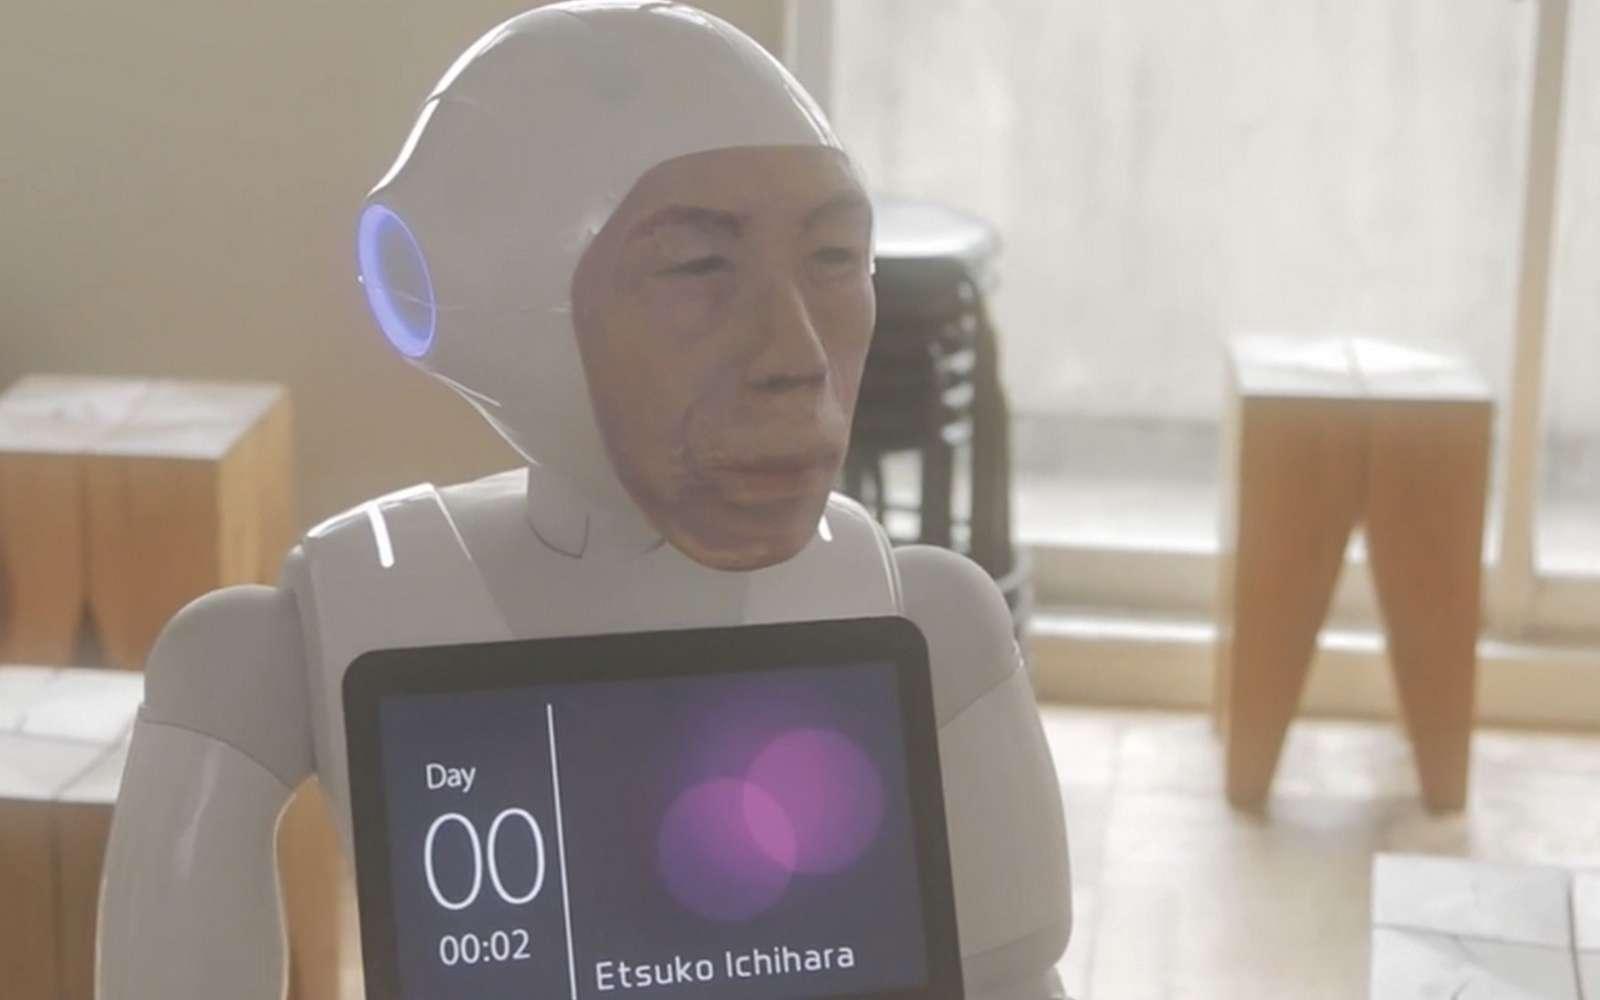 Le robot d'assistance au deuil. © Etsuko Ichihara